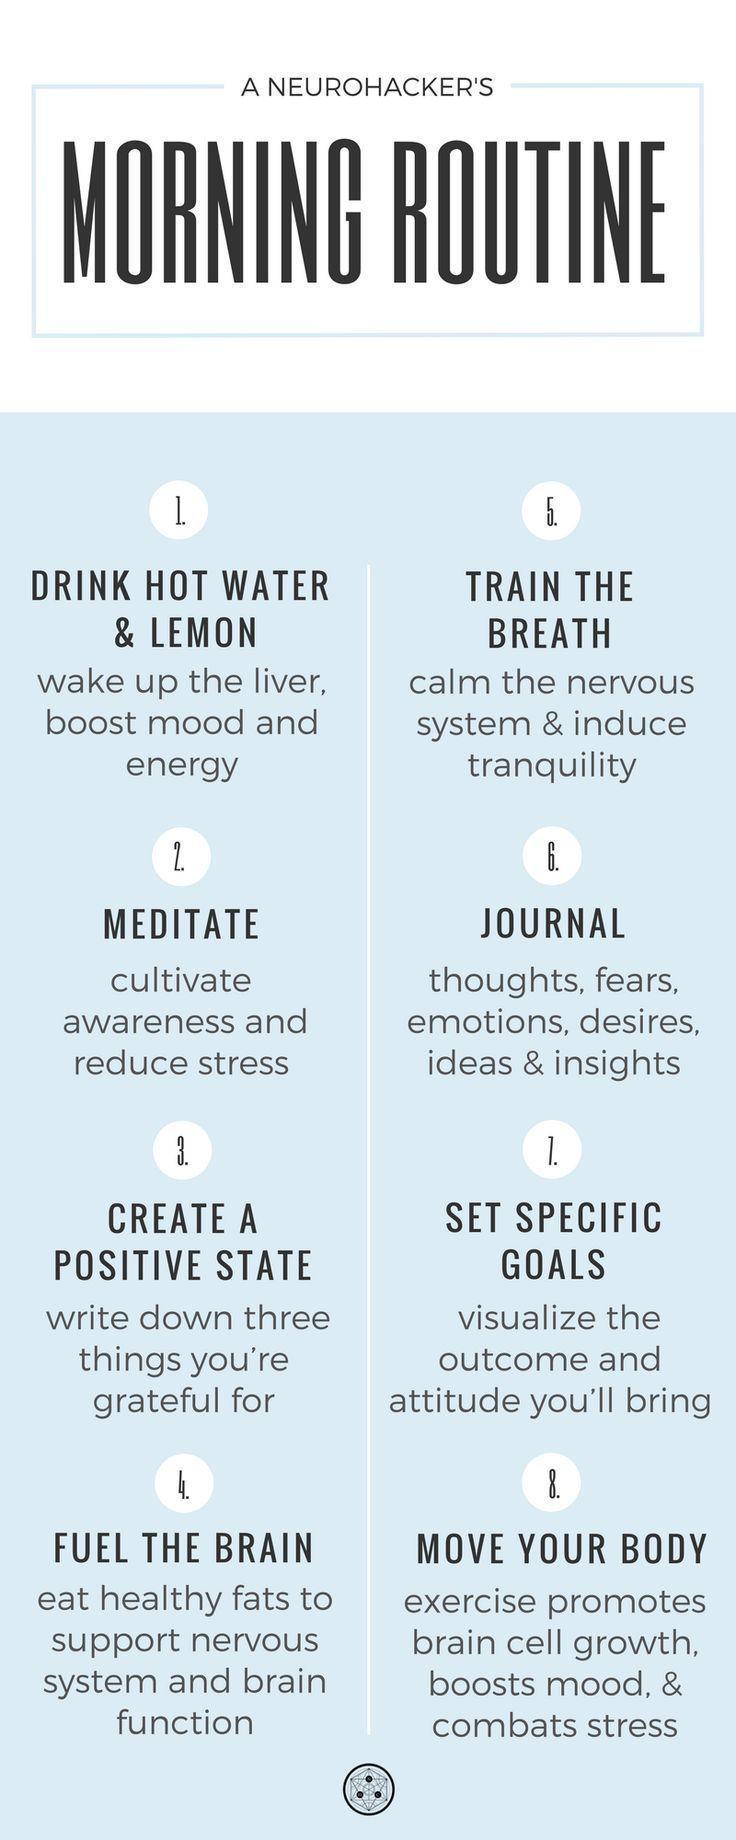 Kistenatmung: Eine Atemtechnik, um den Geist zu fokussieren